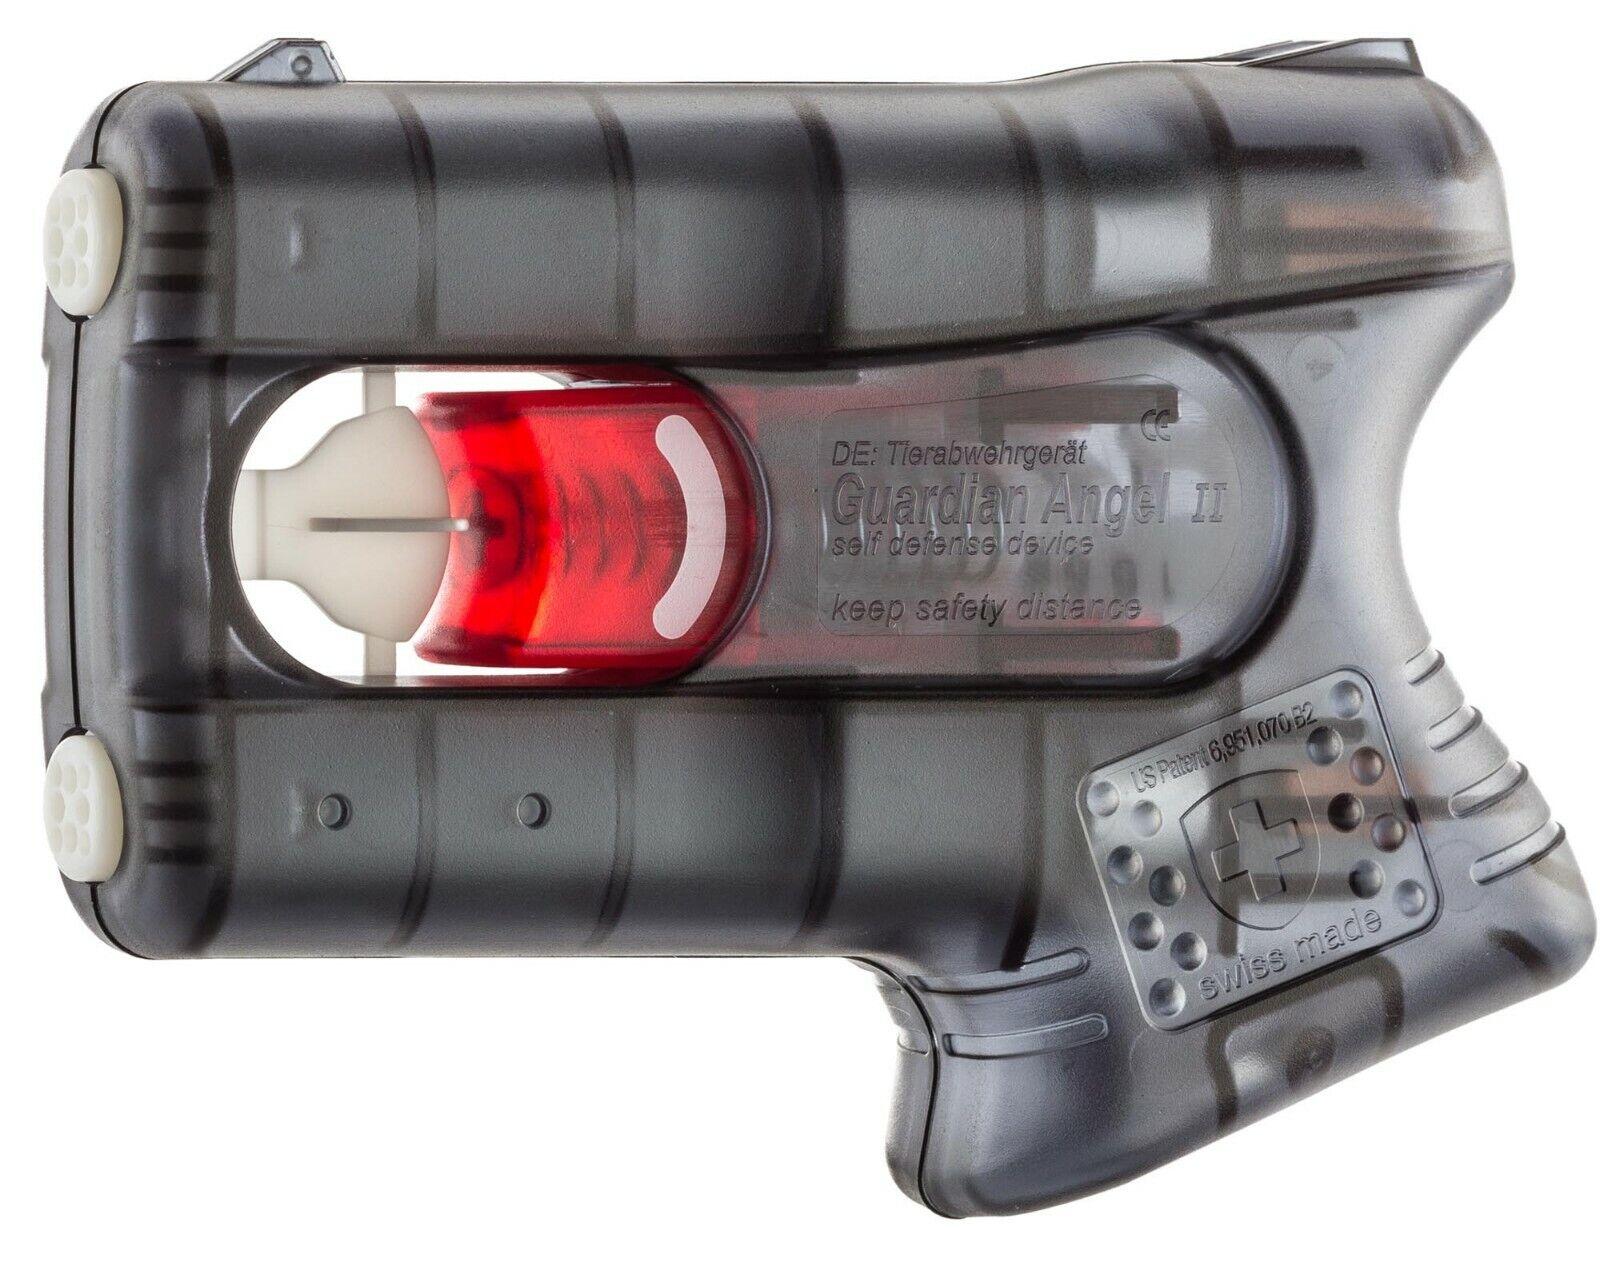 Projecteur lacrymogèneGuardian Angel II avec étui